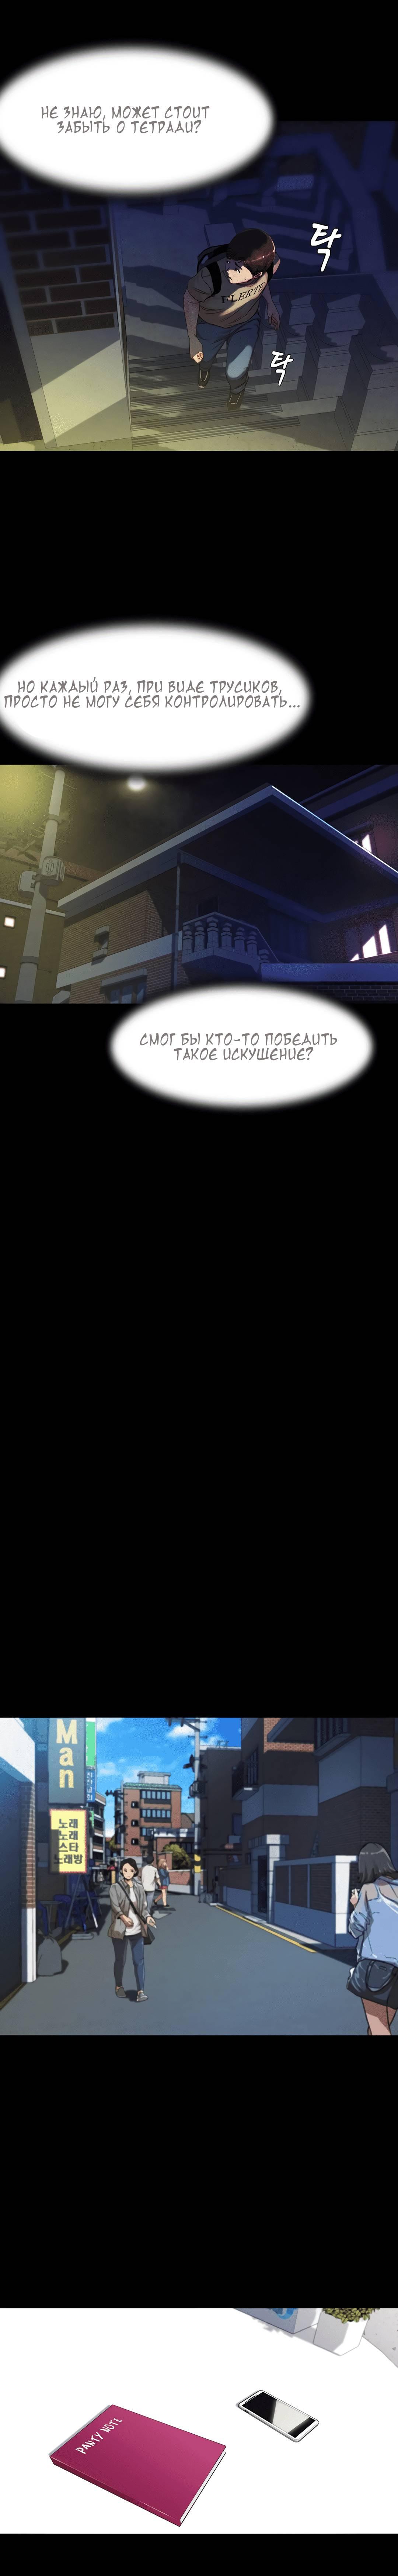 Манхва тетрадь по трусикам, часть 23 Большая грудь, Измена, Хентай манга, манхва